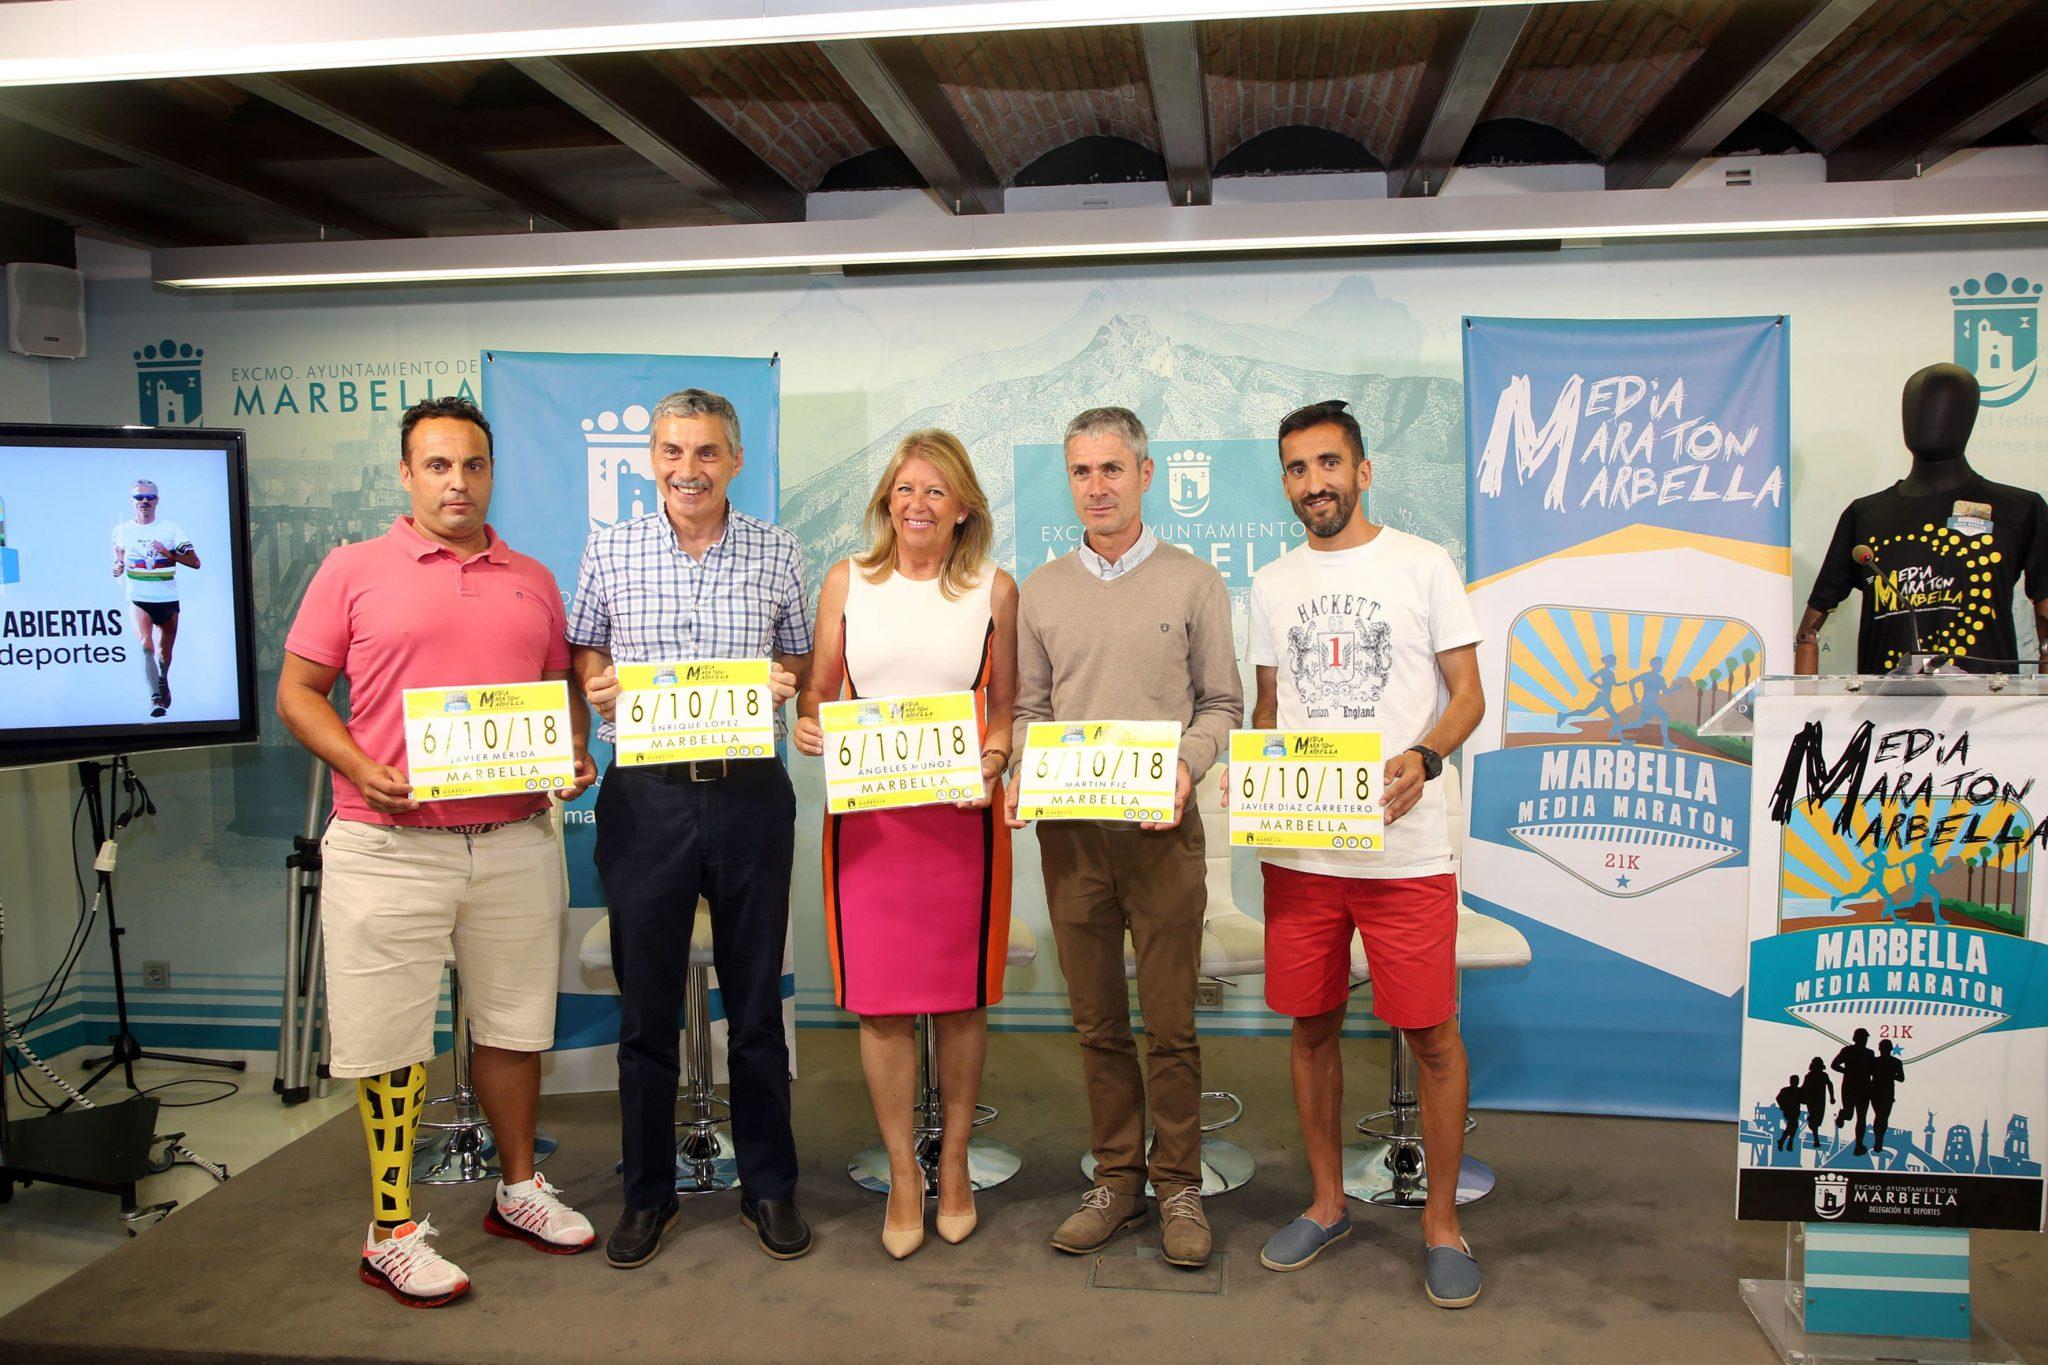 La XXXIII Media Maratón de Marbella tendrá lugar el 6 de octubre